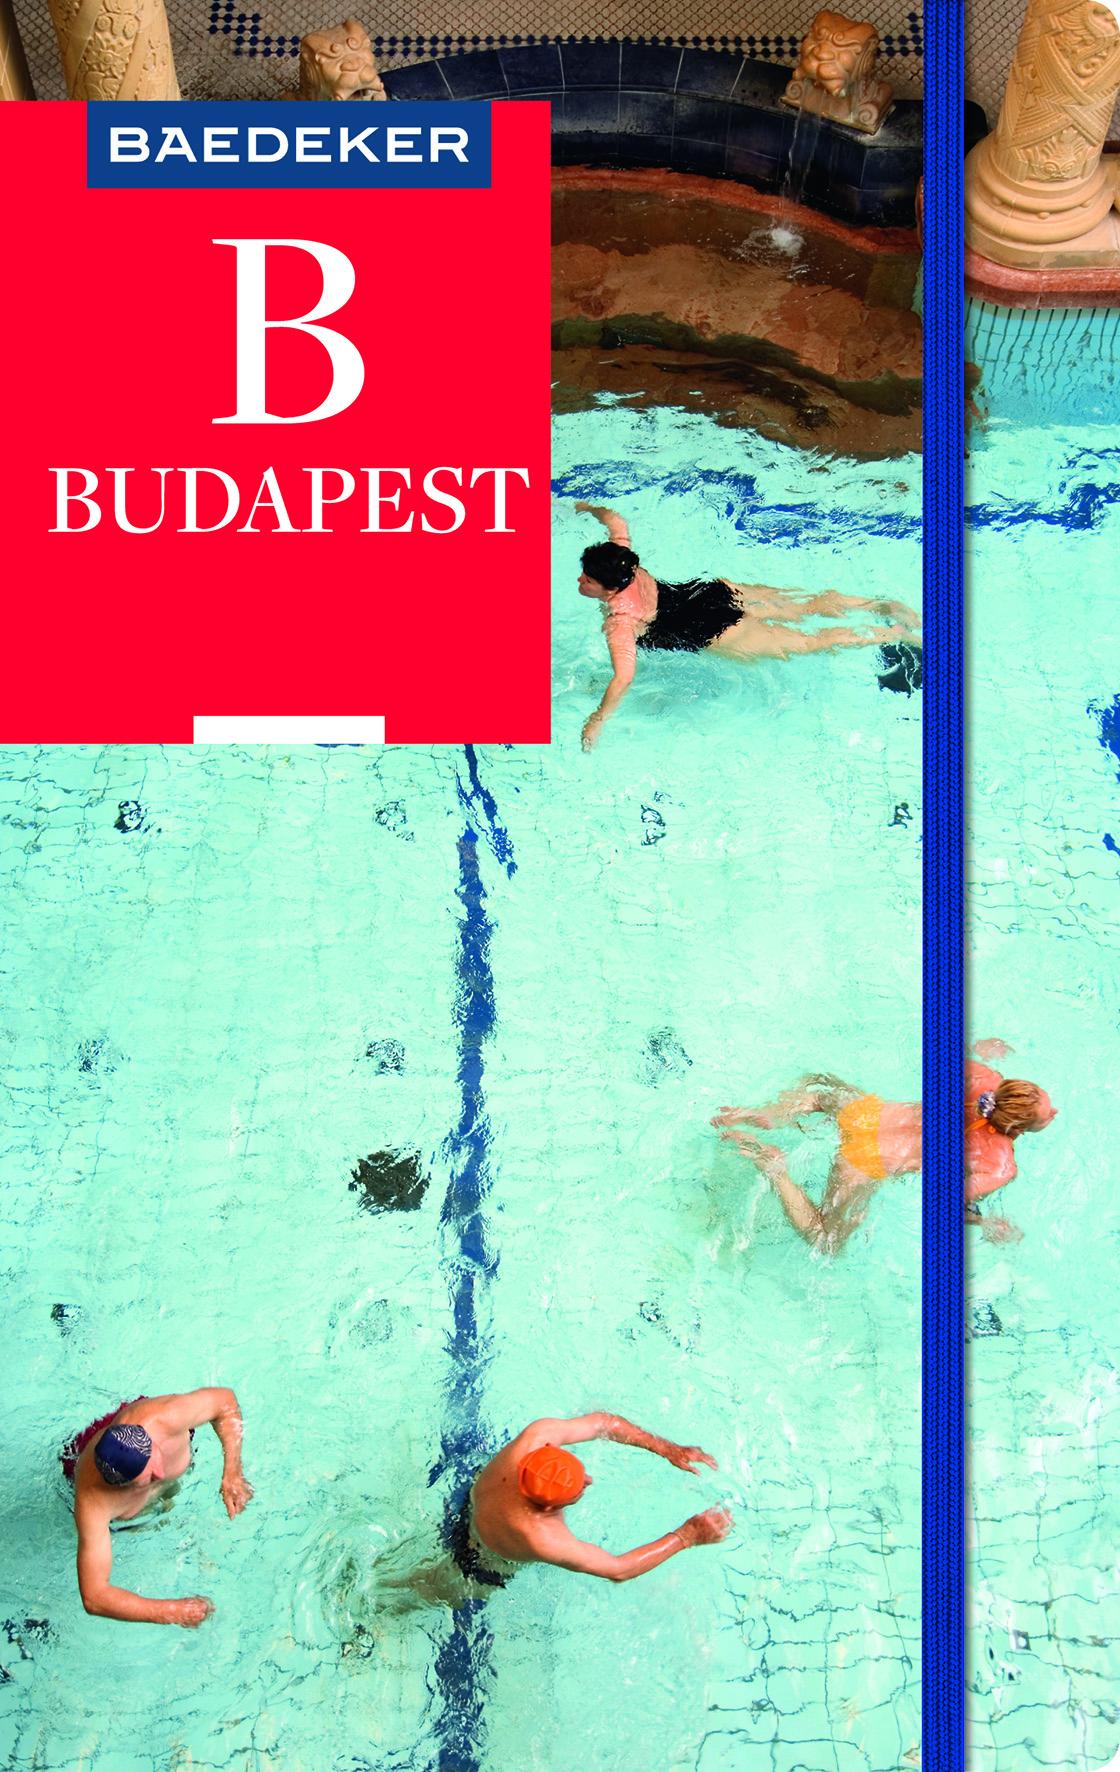 Baedeker - Budapest (Cover)